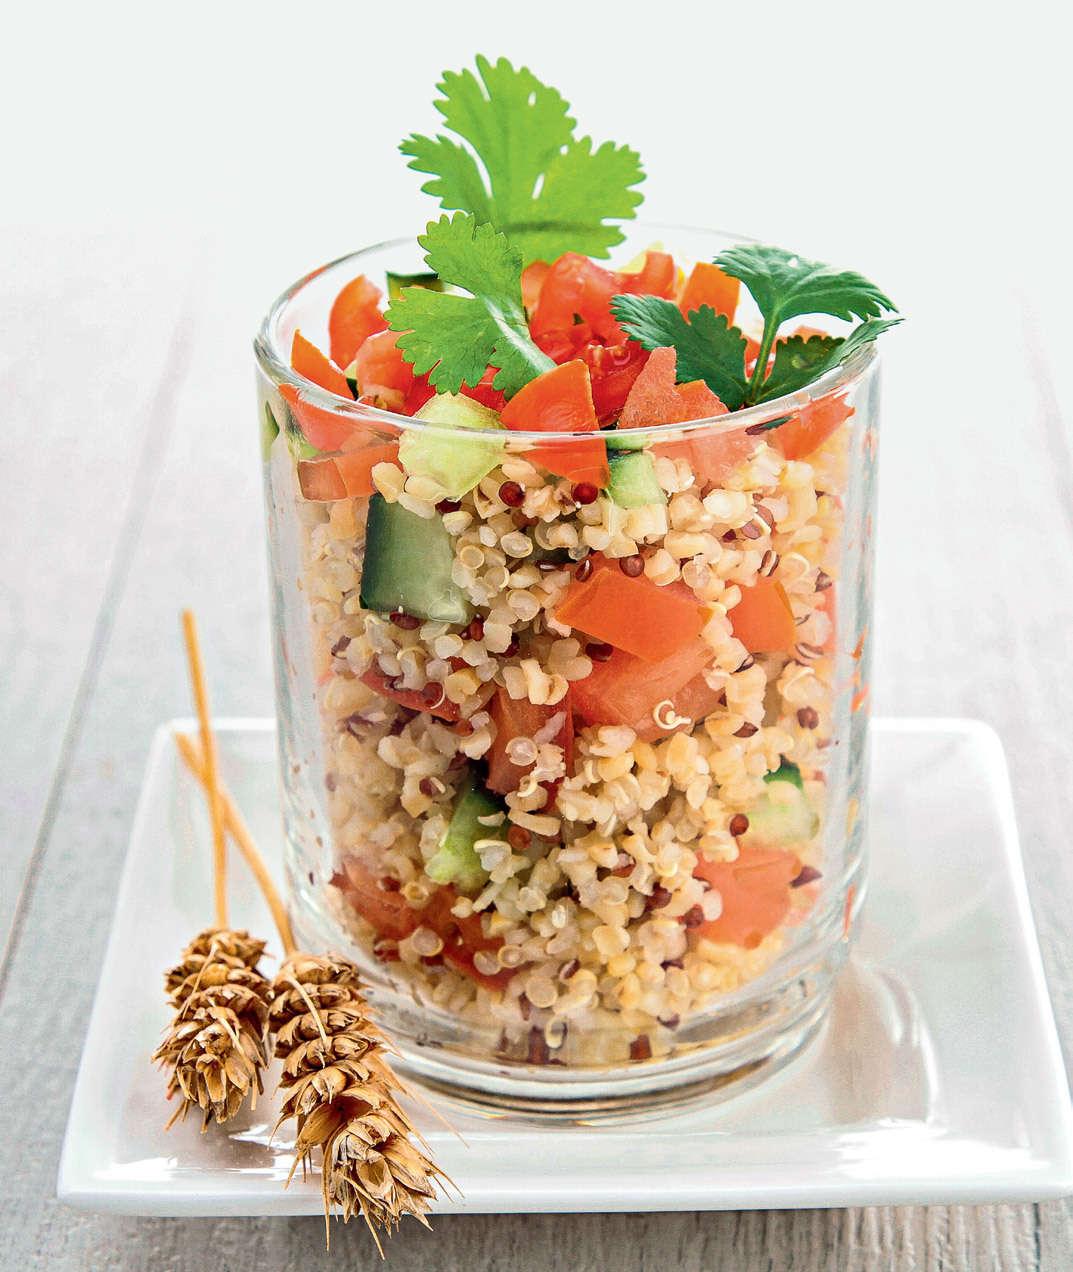 Insalata di quinoa con verdure marinate crude e mandorle